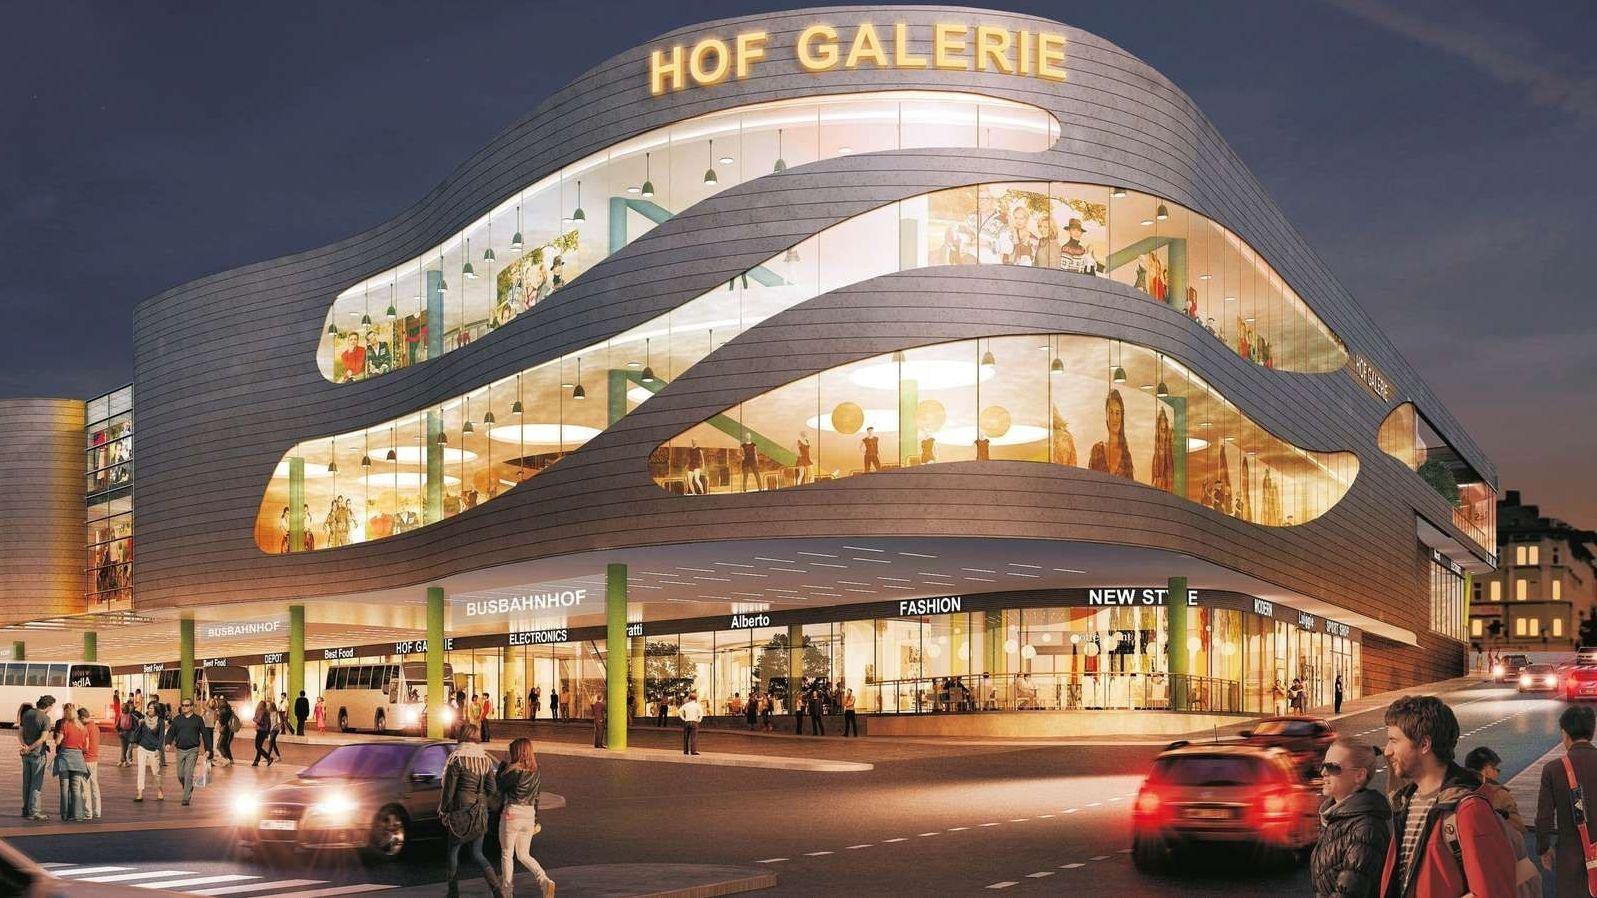 """Eine Planungsskizze der """"Hof-Galerie"""""""